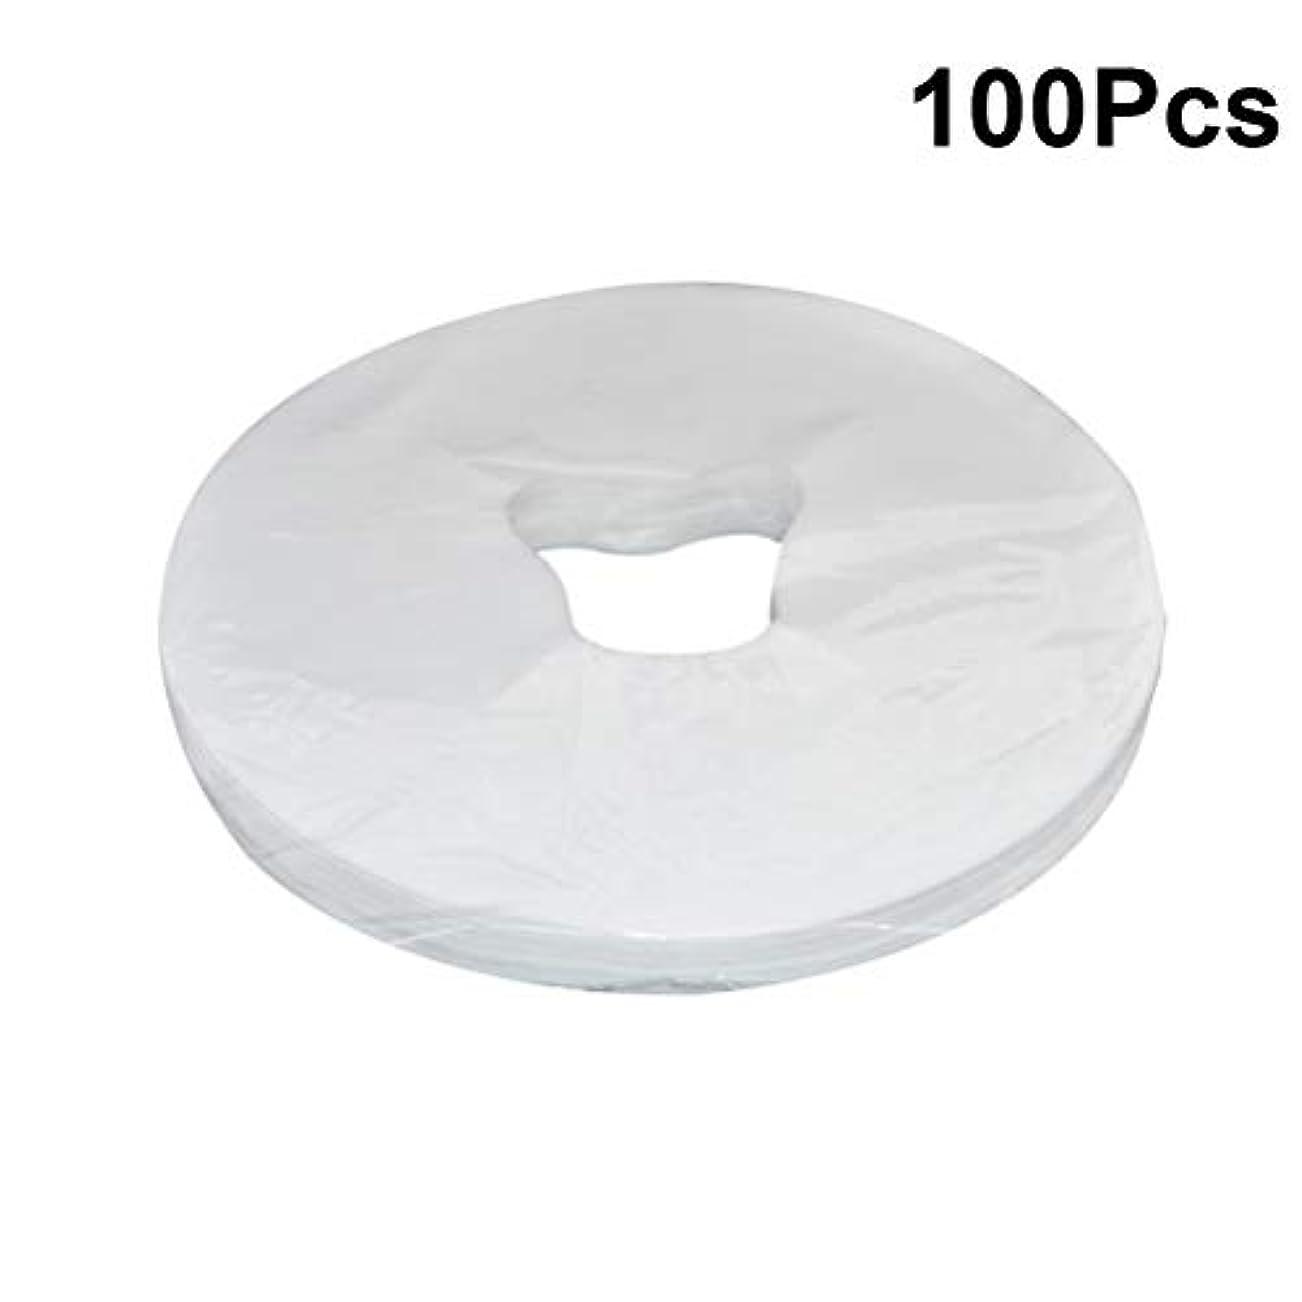 スカルク調整シャンパンHEALIFTY 29×28センチメートル使い捨てフェイスマッサージカバーパッドフェイスホールピローマット用スパ100シート